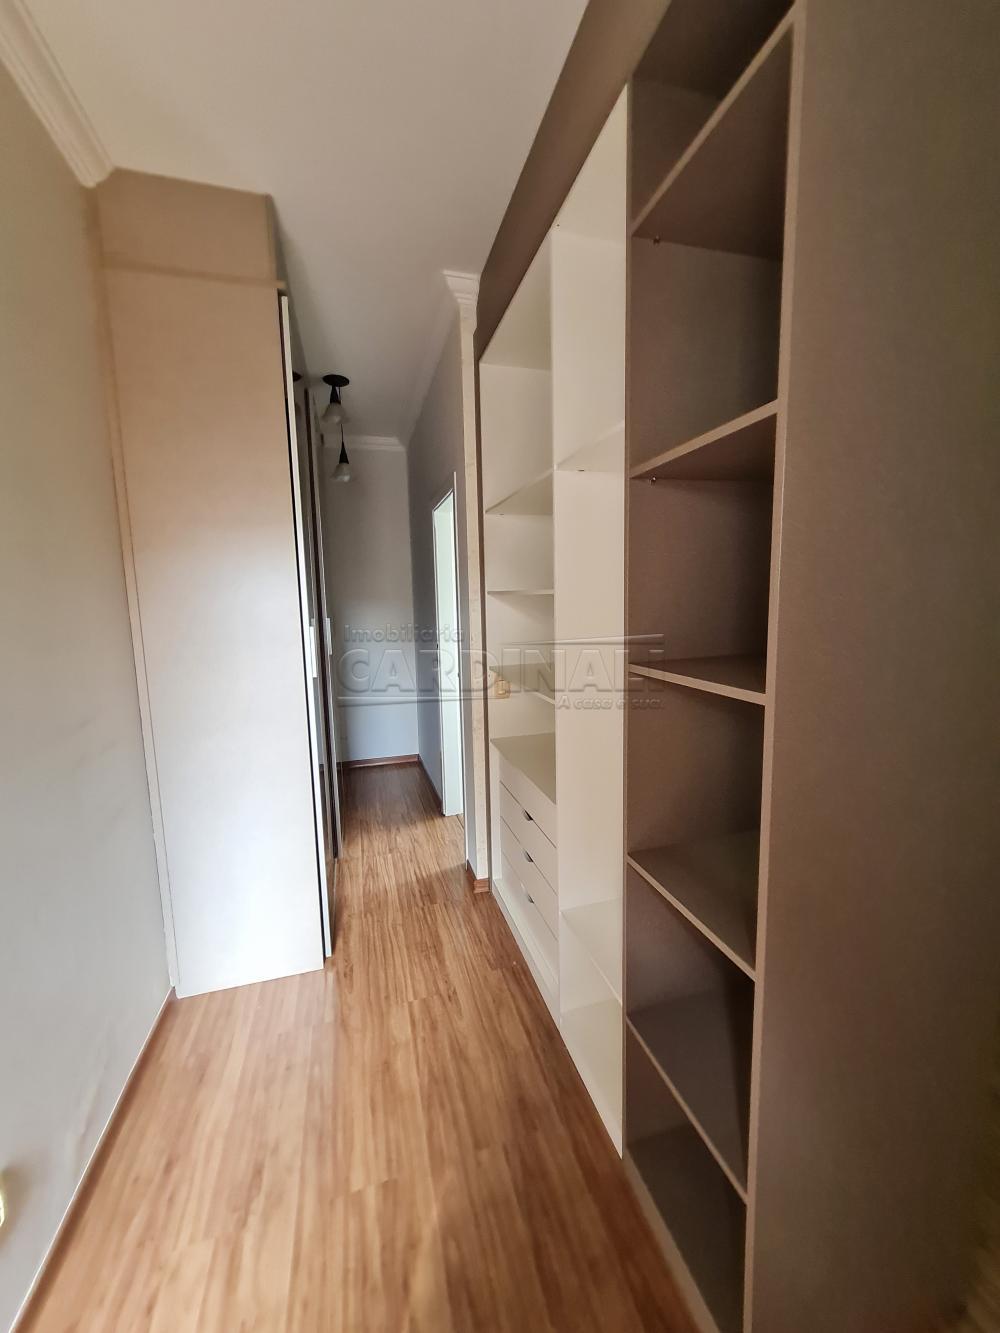 Comprar Casa / Condomínio em São Carlos R$ 865.000,00 - Foto 11